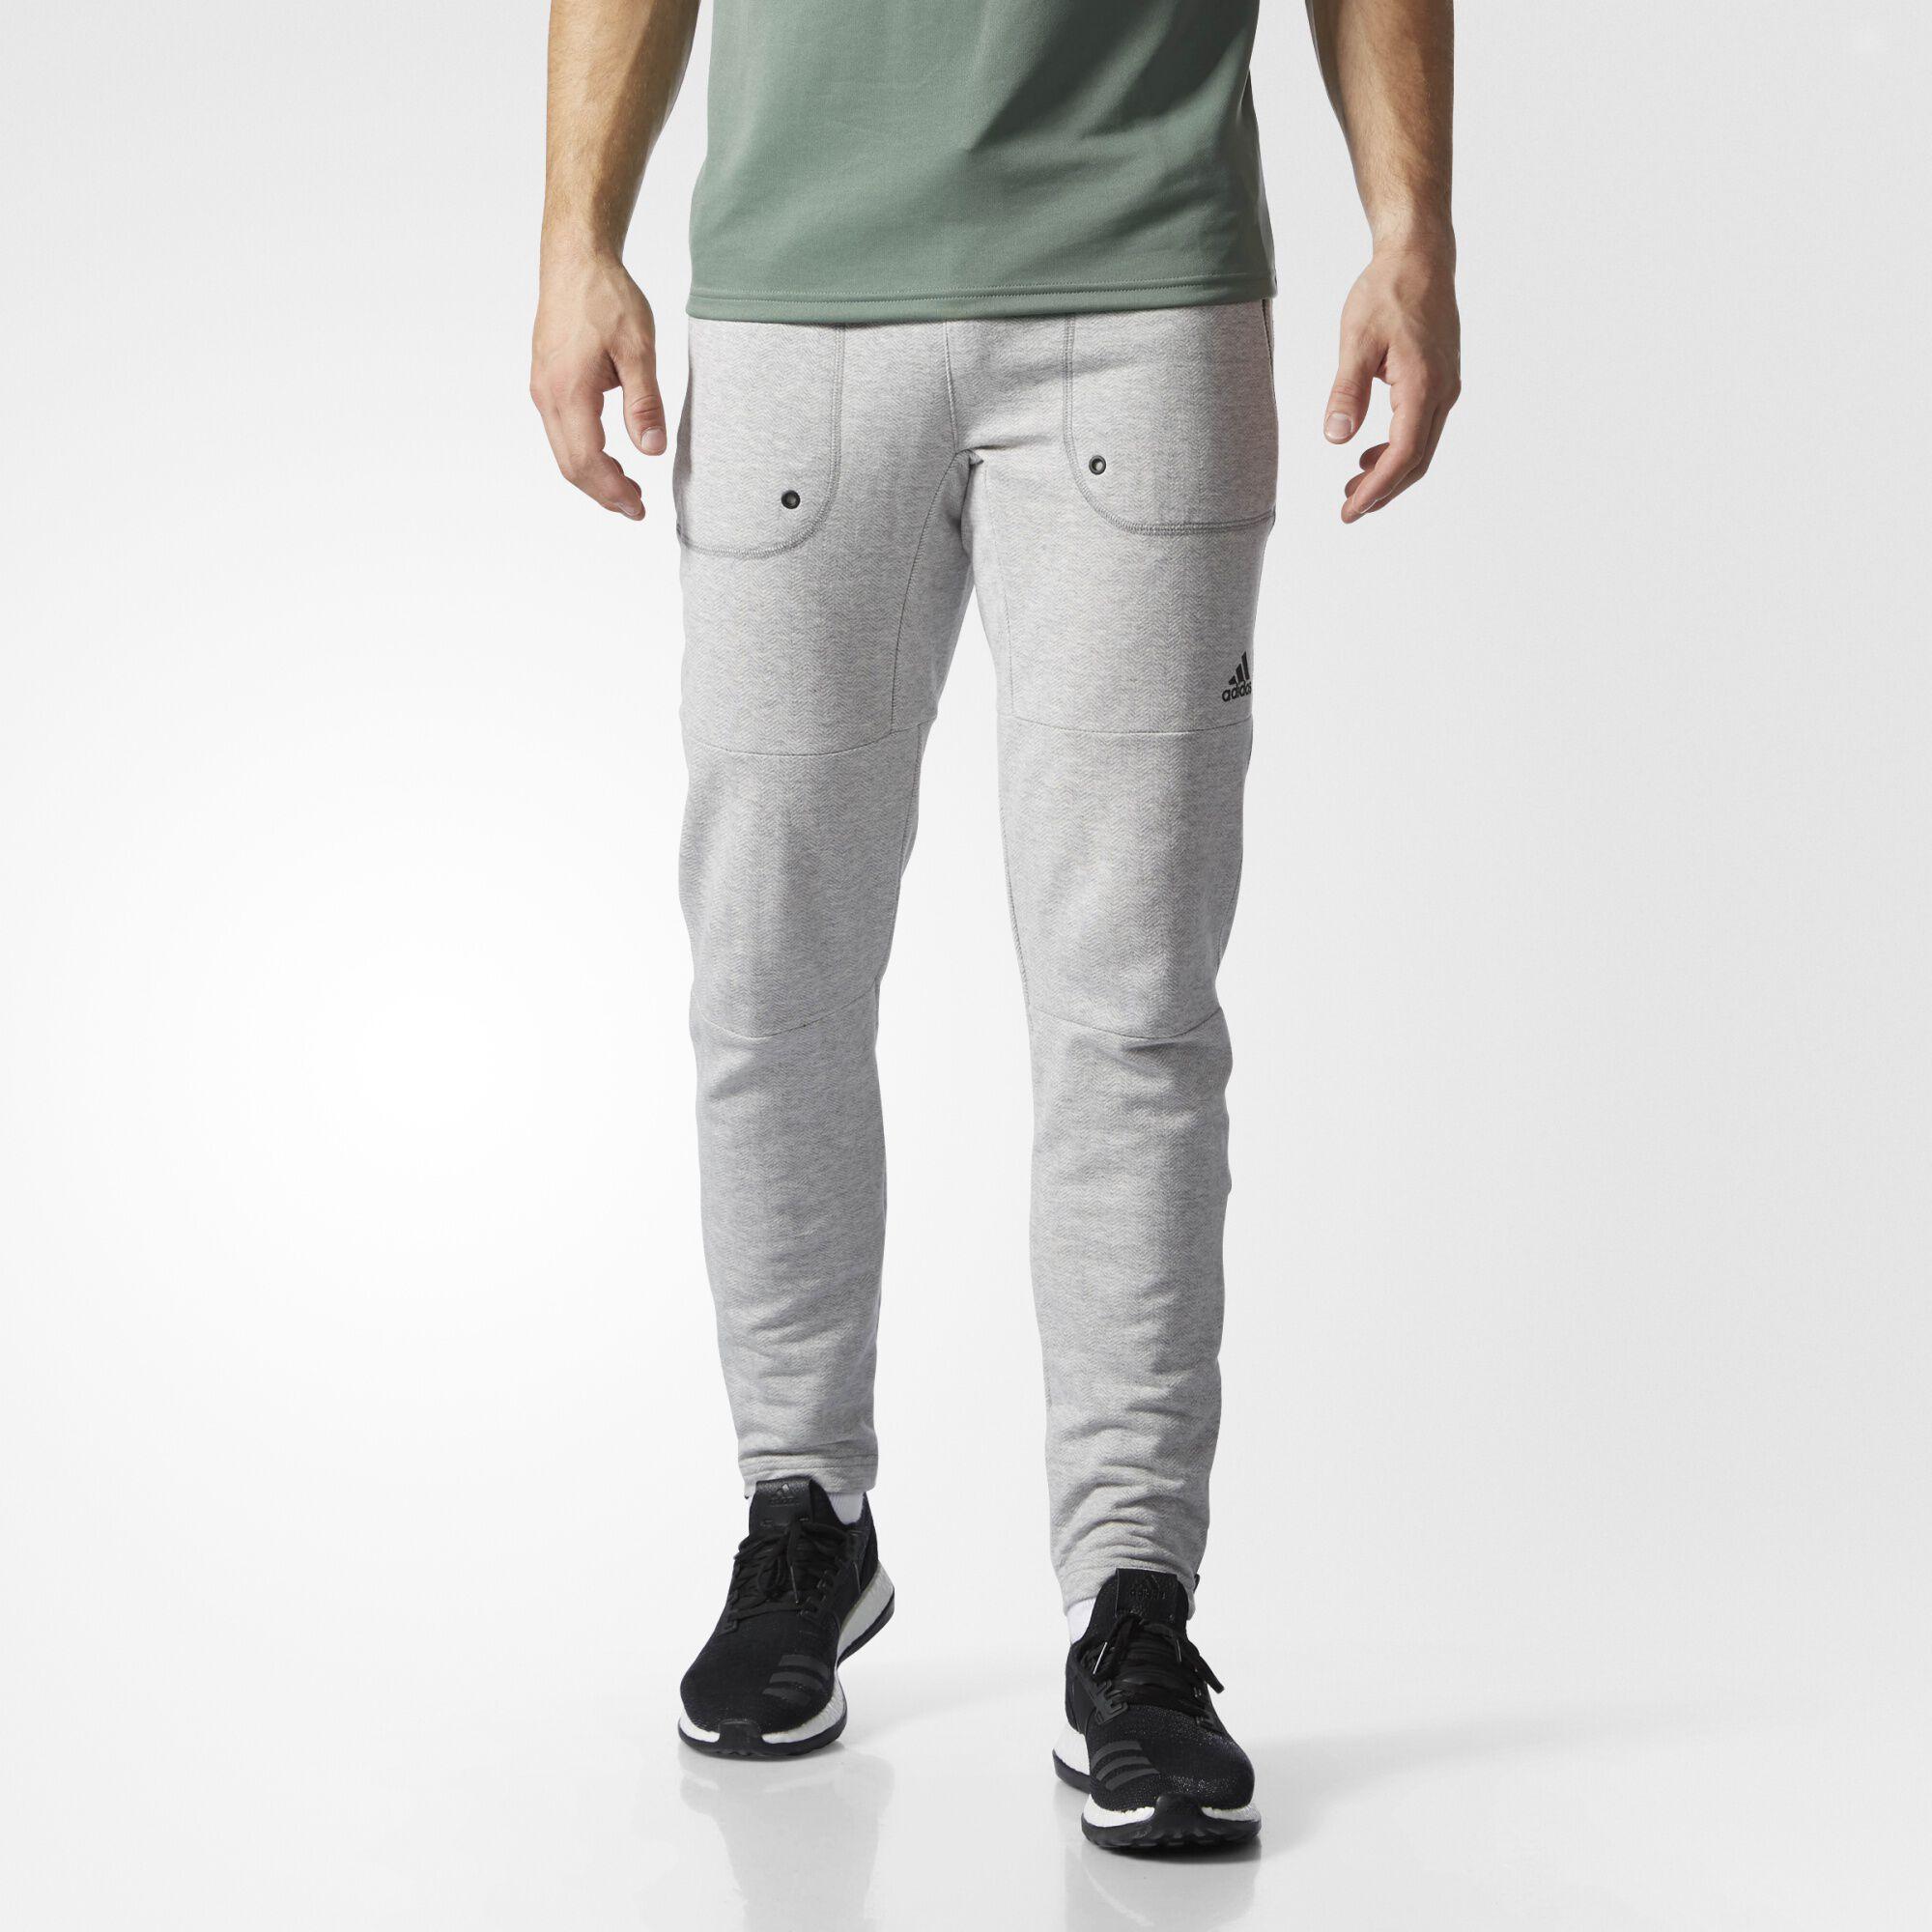 Adidas originals skinny joggers NWT